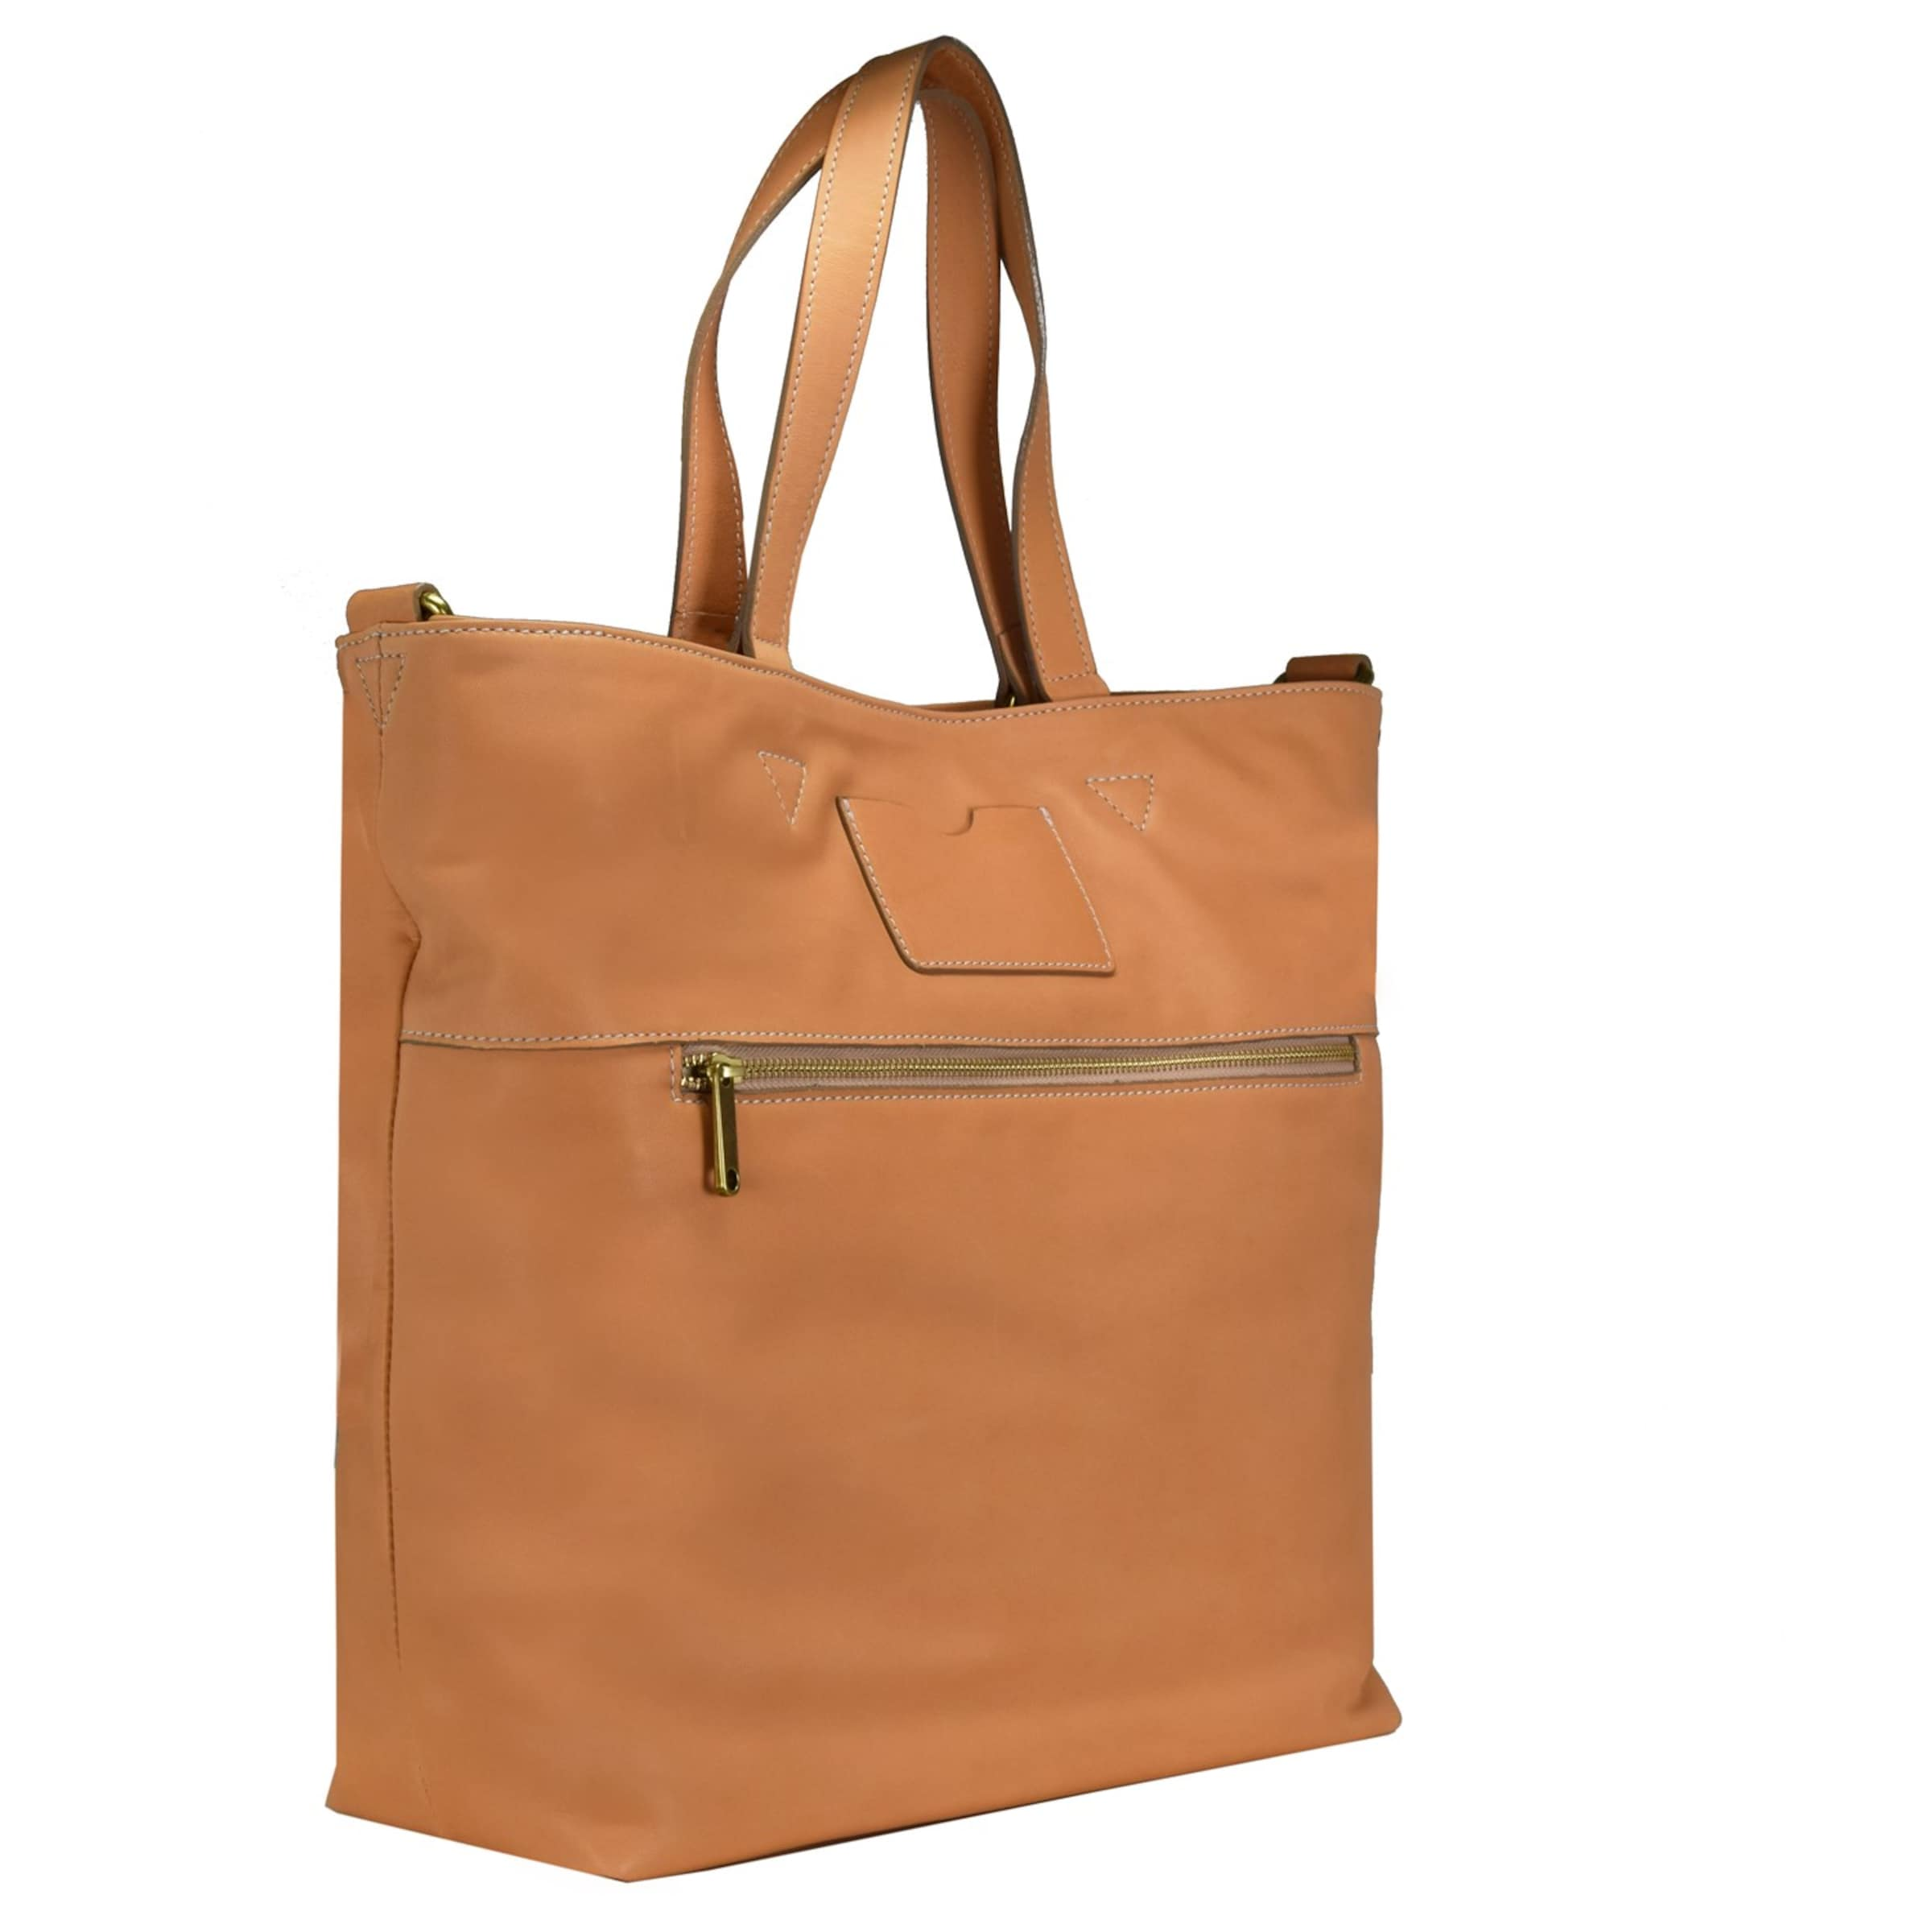 BREE Stockholm 34 Shopper Tasche Leder 38 cm Verkauf Großhandelspreis 0TzPU3v